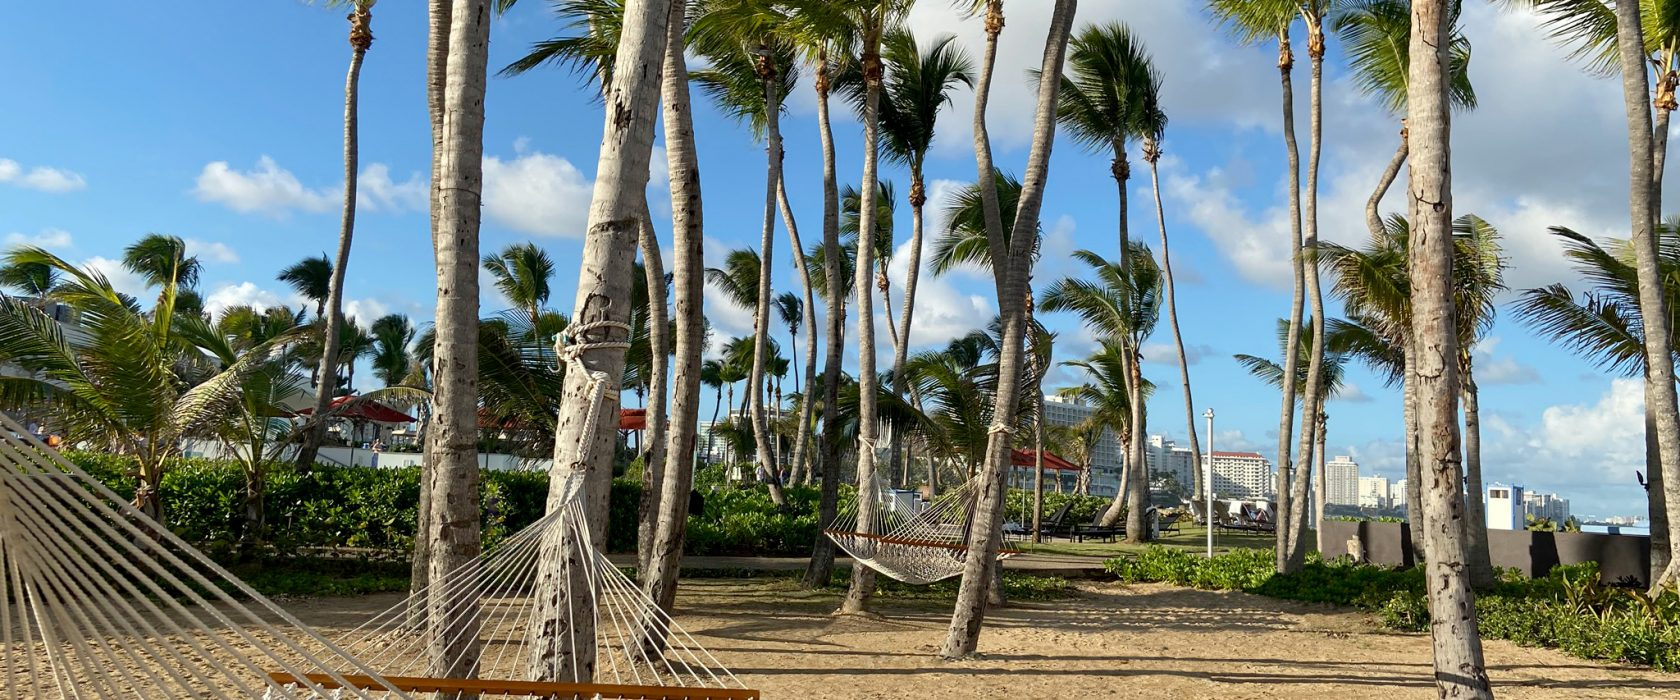 Caribe Hilton Hammock Garden